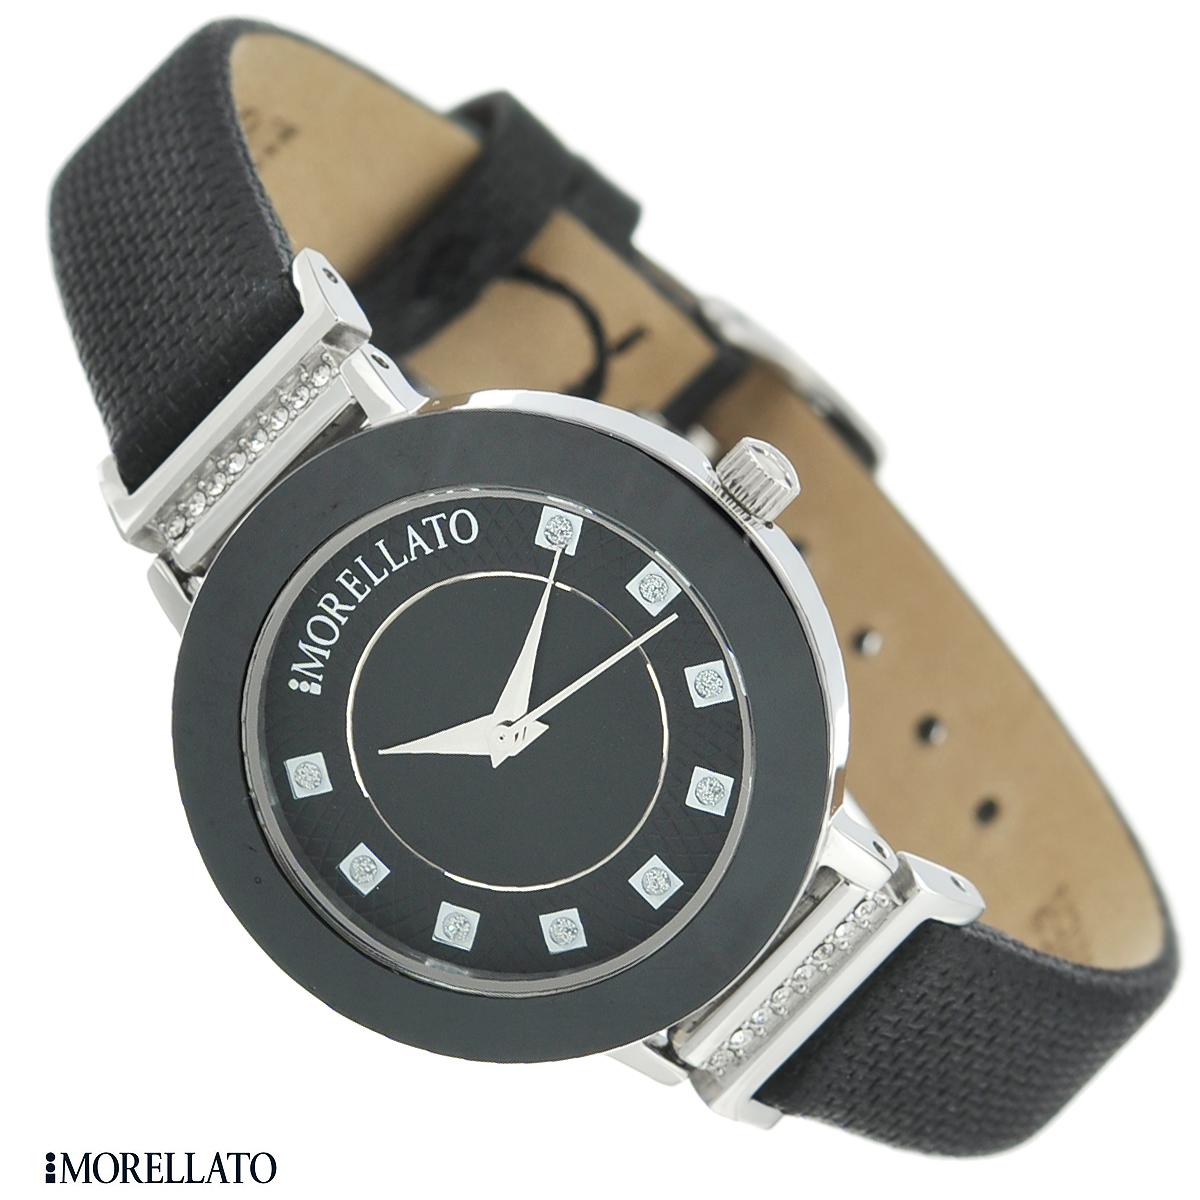 Часы женские наручные Morellato, цвет: черный, серебристый. R0151103501R0151103501Наручные женские часы Morellato оснащены кварцевым механизмом. Корпус выполнен из высококачественной нержавеющей стали и керамики. Циферблат с отметками в виде критсаллов защищен минеральным стеклом. Часы имеют три стрелки - часовую, минутную и секундную. Ремешок часов выполнен из натуральной кожи и оснащен классической застежкой. Часы укомплектованы паспортом с подробной инструкцией. Часы Morellato отличаются уникальным, но в то же время простым и лаконичным стилем. Характеристики: Диаметр циферблата: 2,4 см. Размер корпуса: 3 см х 3 см х 0,8 см. Длина ремешка (с корпусом): 21,5 см. Ширина ремешка: 1,2 см.